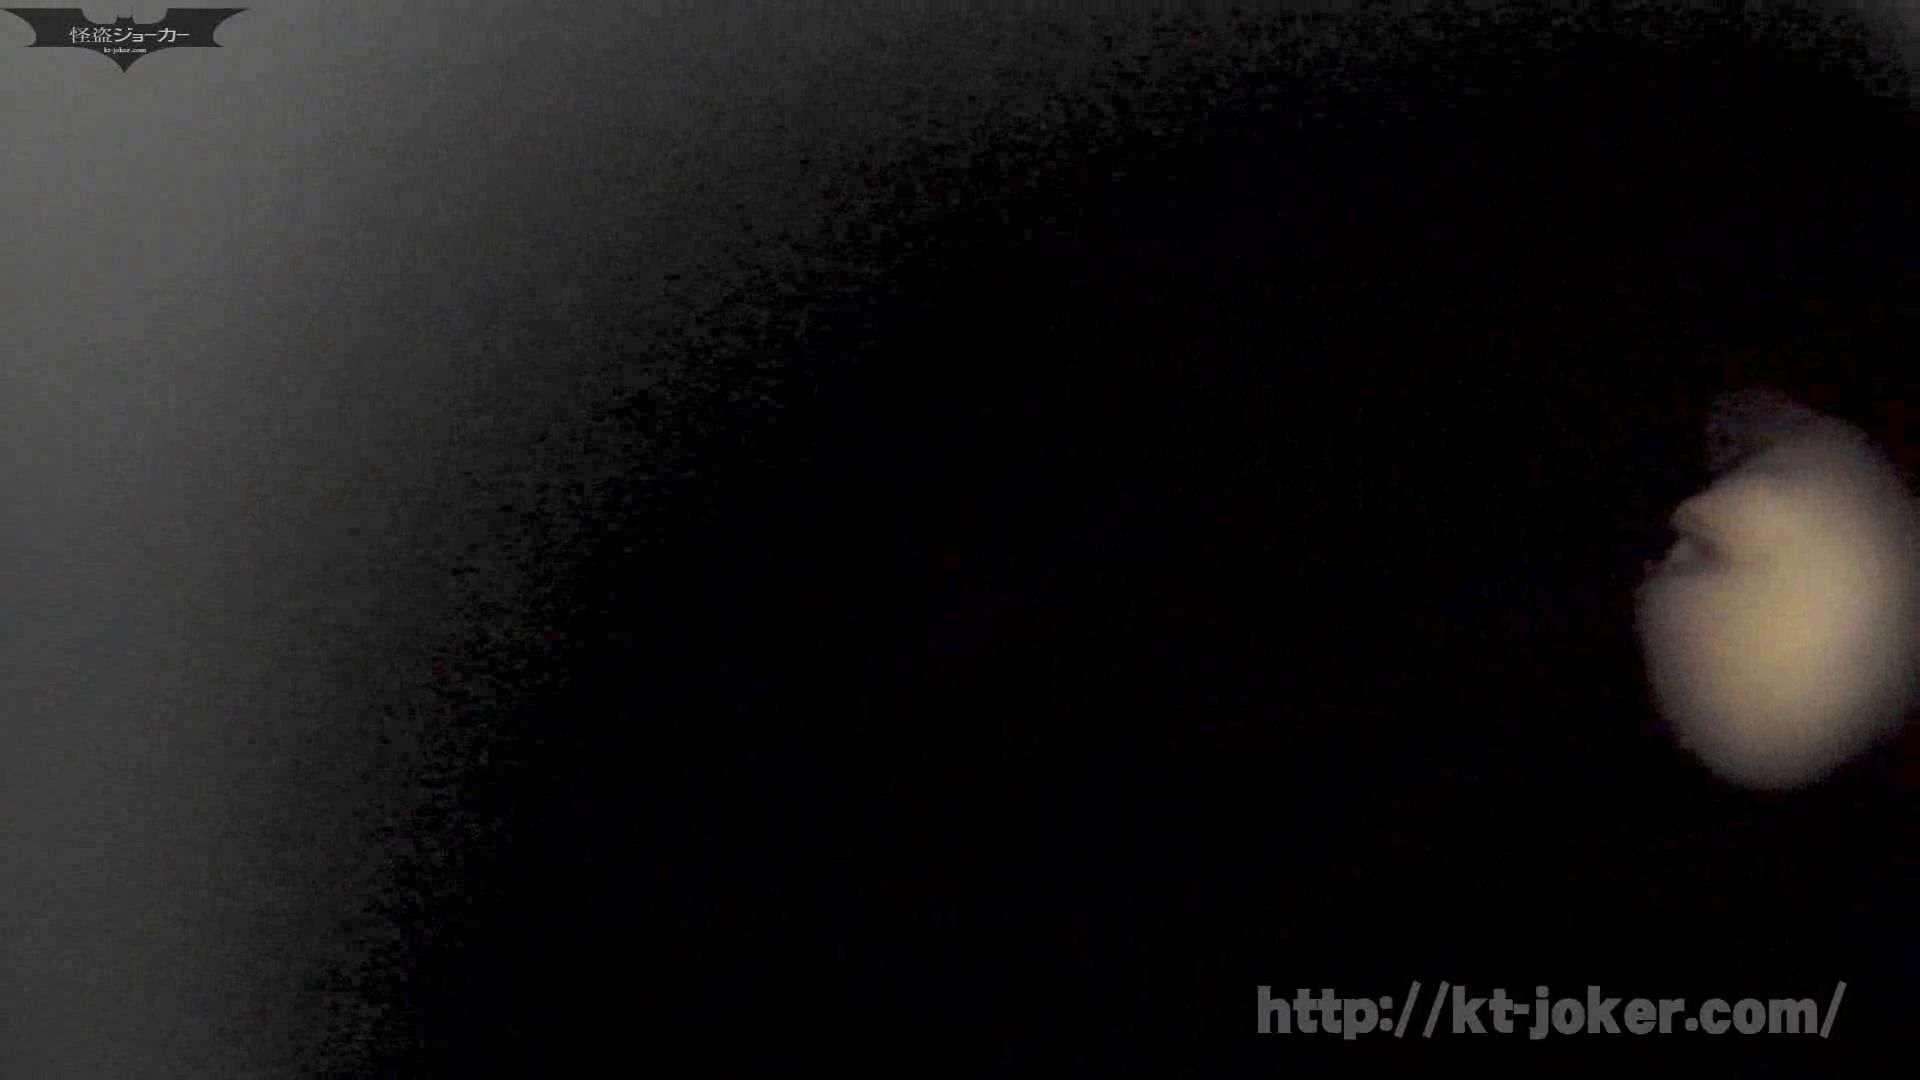 命がけ潜伏洗面所! vol.58 さらなる無謀な挑戦、新アングル、壁に穴を開ける プライベート 盗み撮り動画キャプチャ 110画像 92